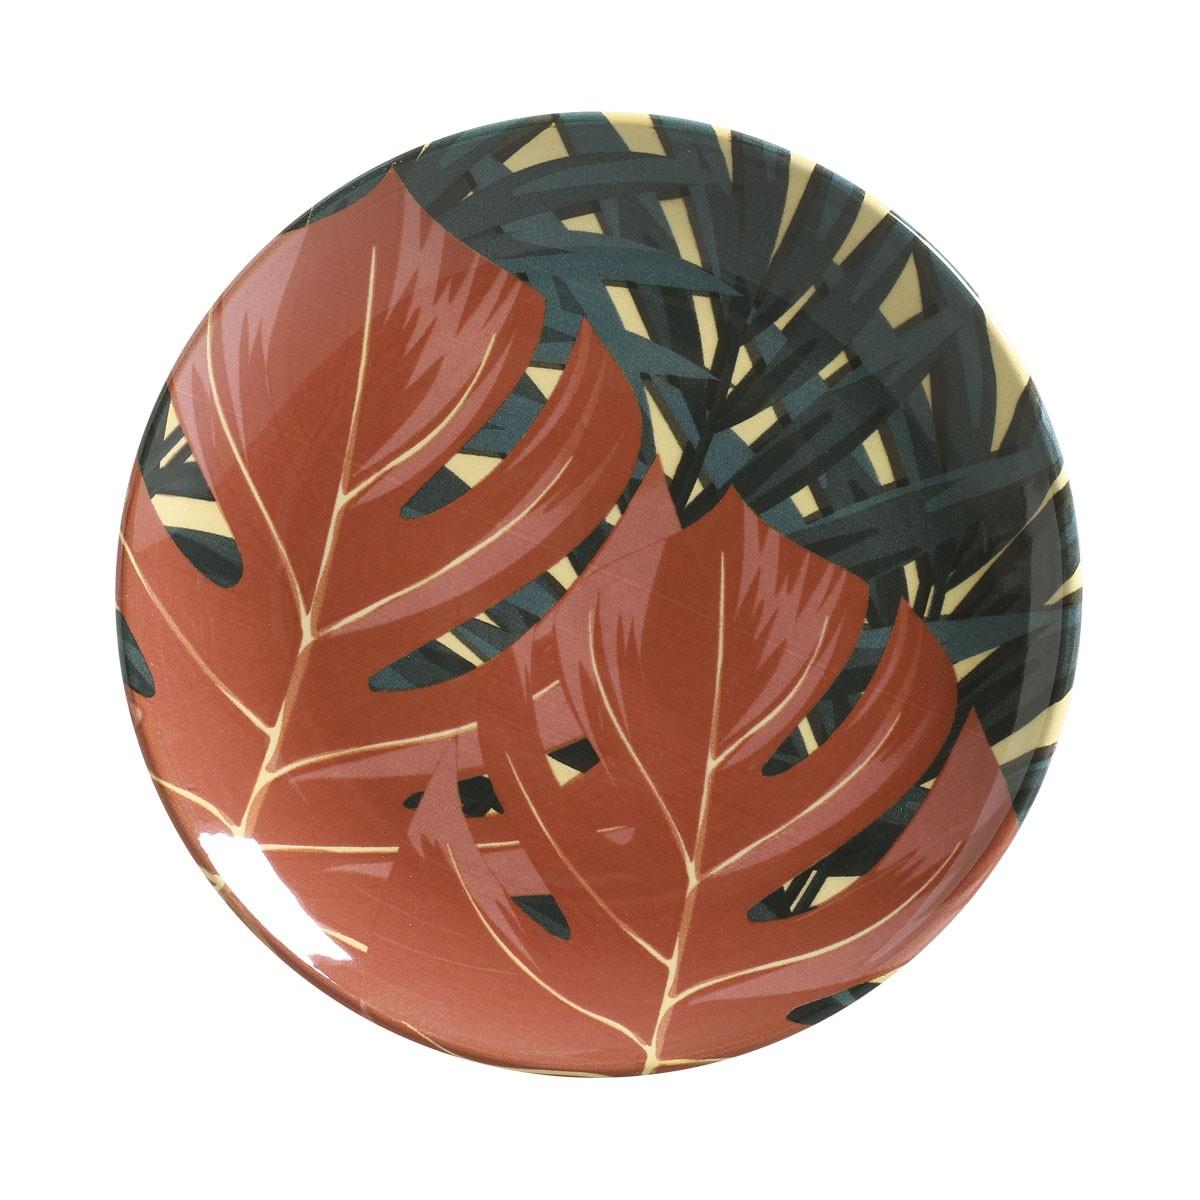 Prato de Sobremesa Sumatra Redondo em Ceramica Marrom - Porto Brasil